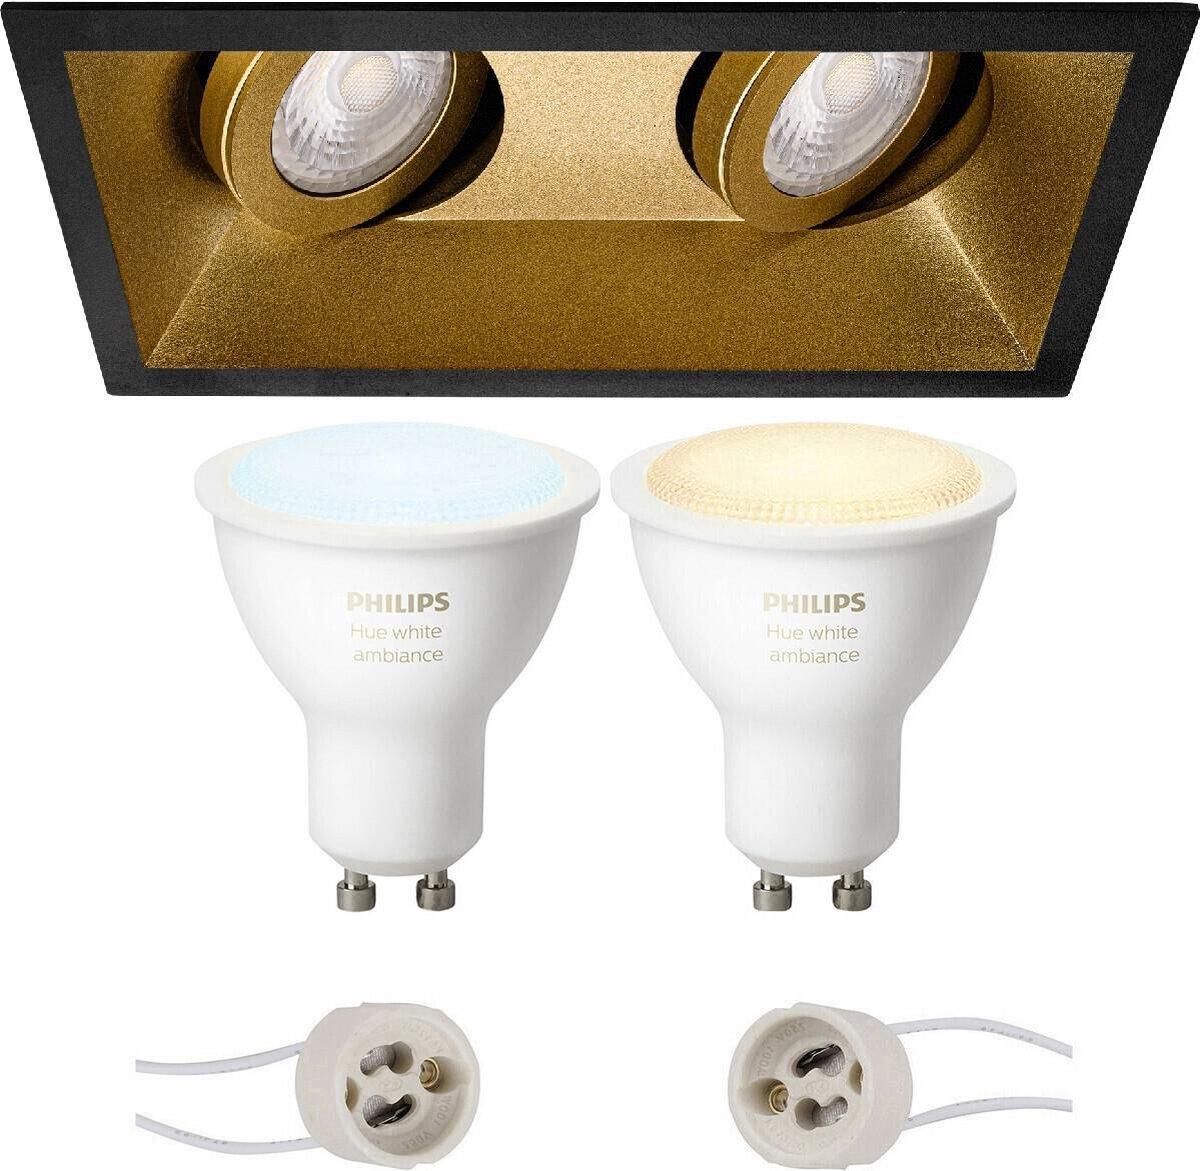 PHILIPS HUE - LED Spot Set GU10 - White Ambiance - Bluetooth - Proma Zano Pro - Inbouw Rechthoek Dubbel - Mat Zwart/Goud - Kantelbaar - 185x93mm